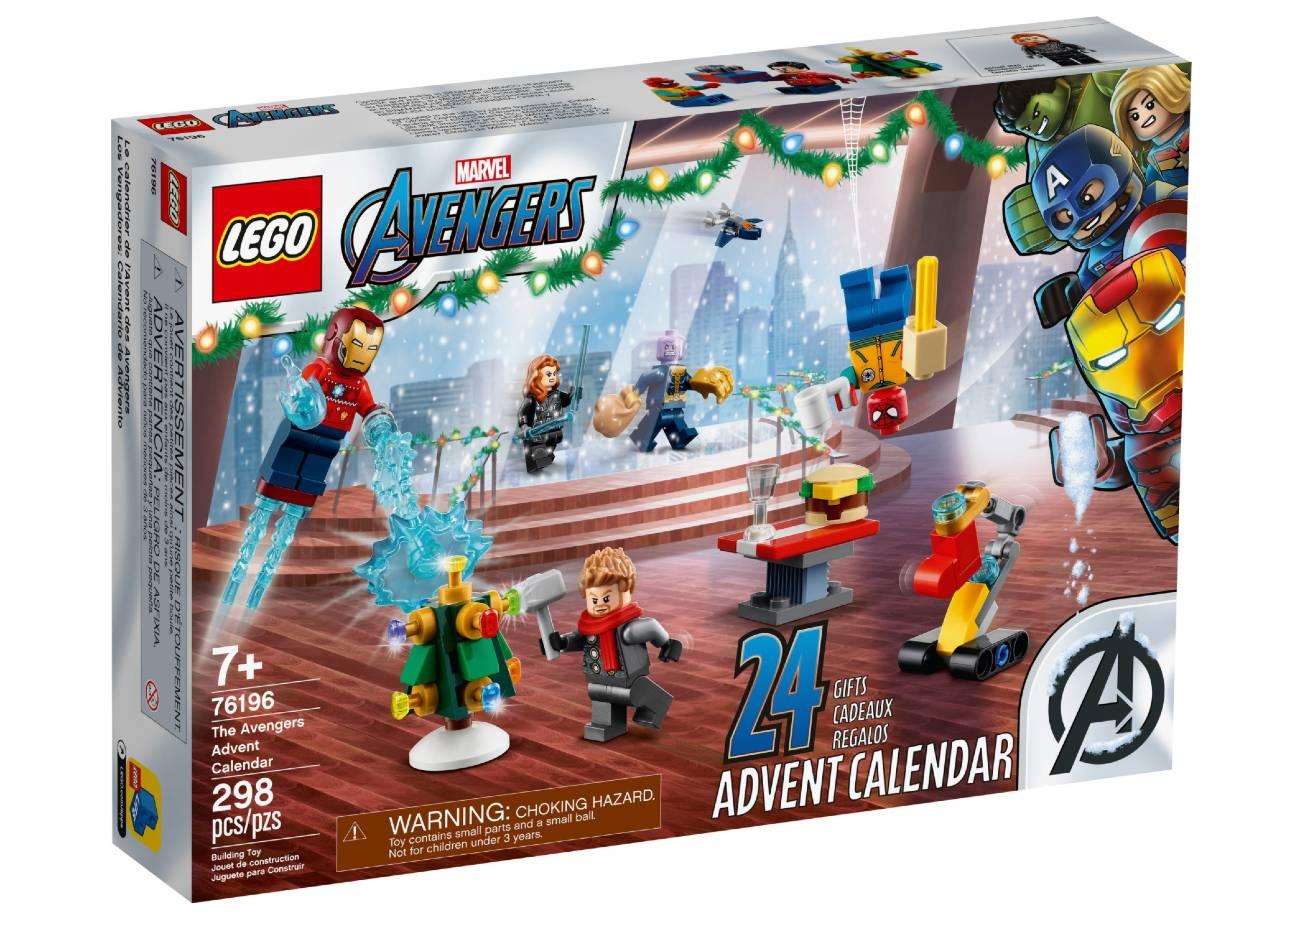 Calendario de Adviento Lego Marvel de Los Vengadores 2021